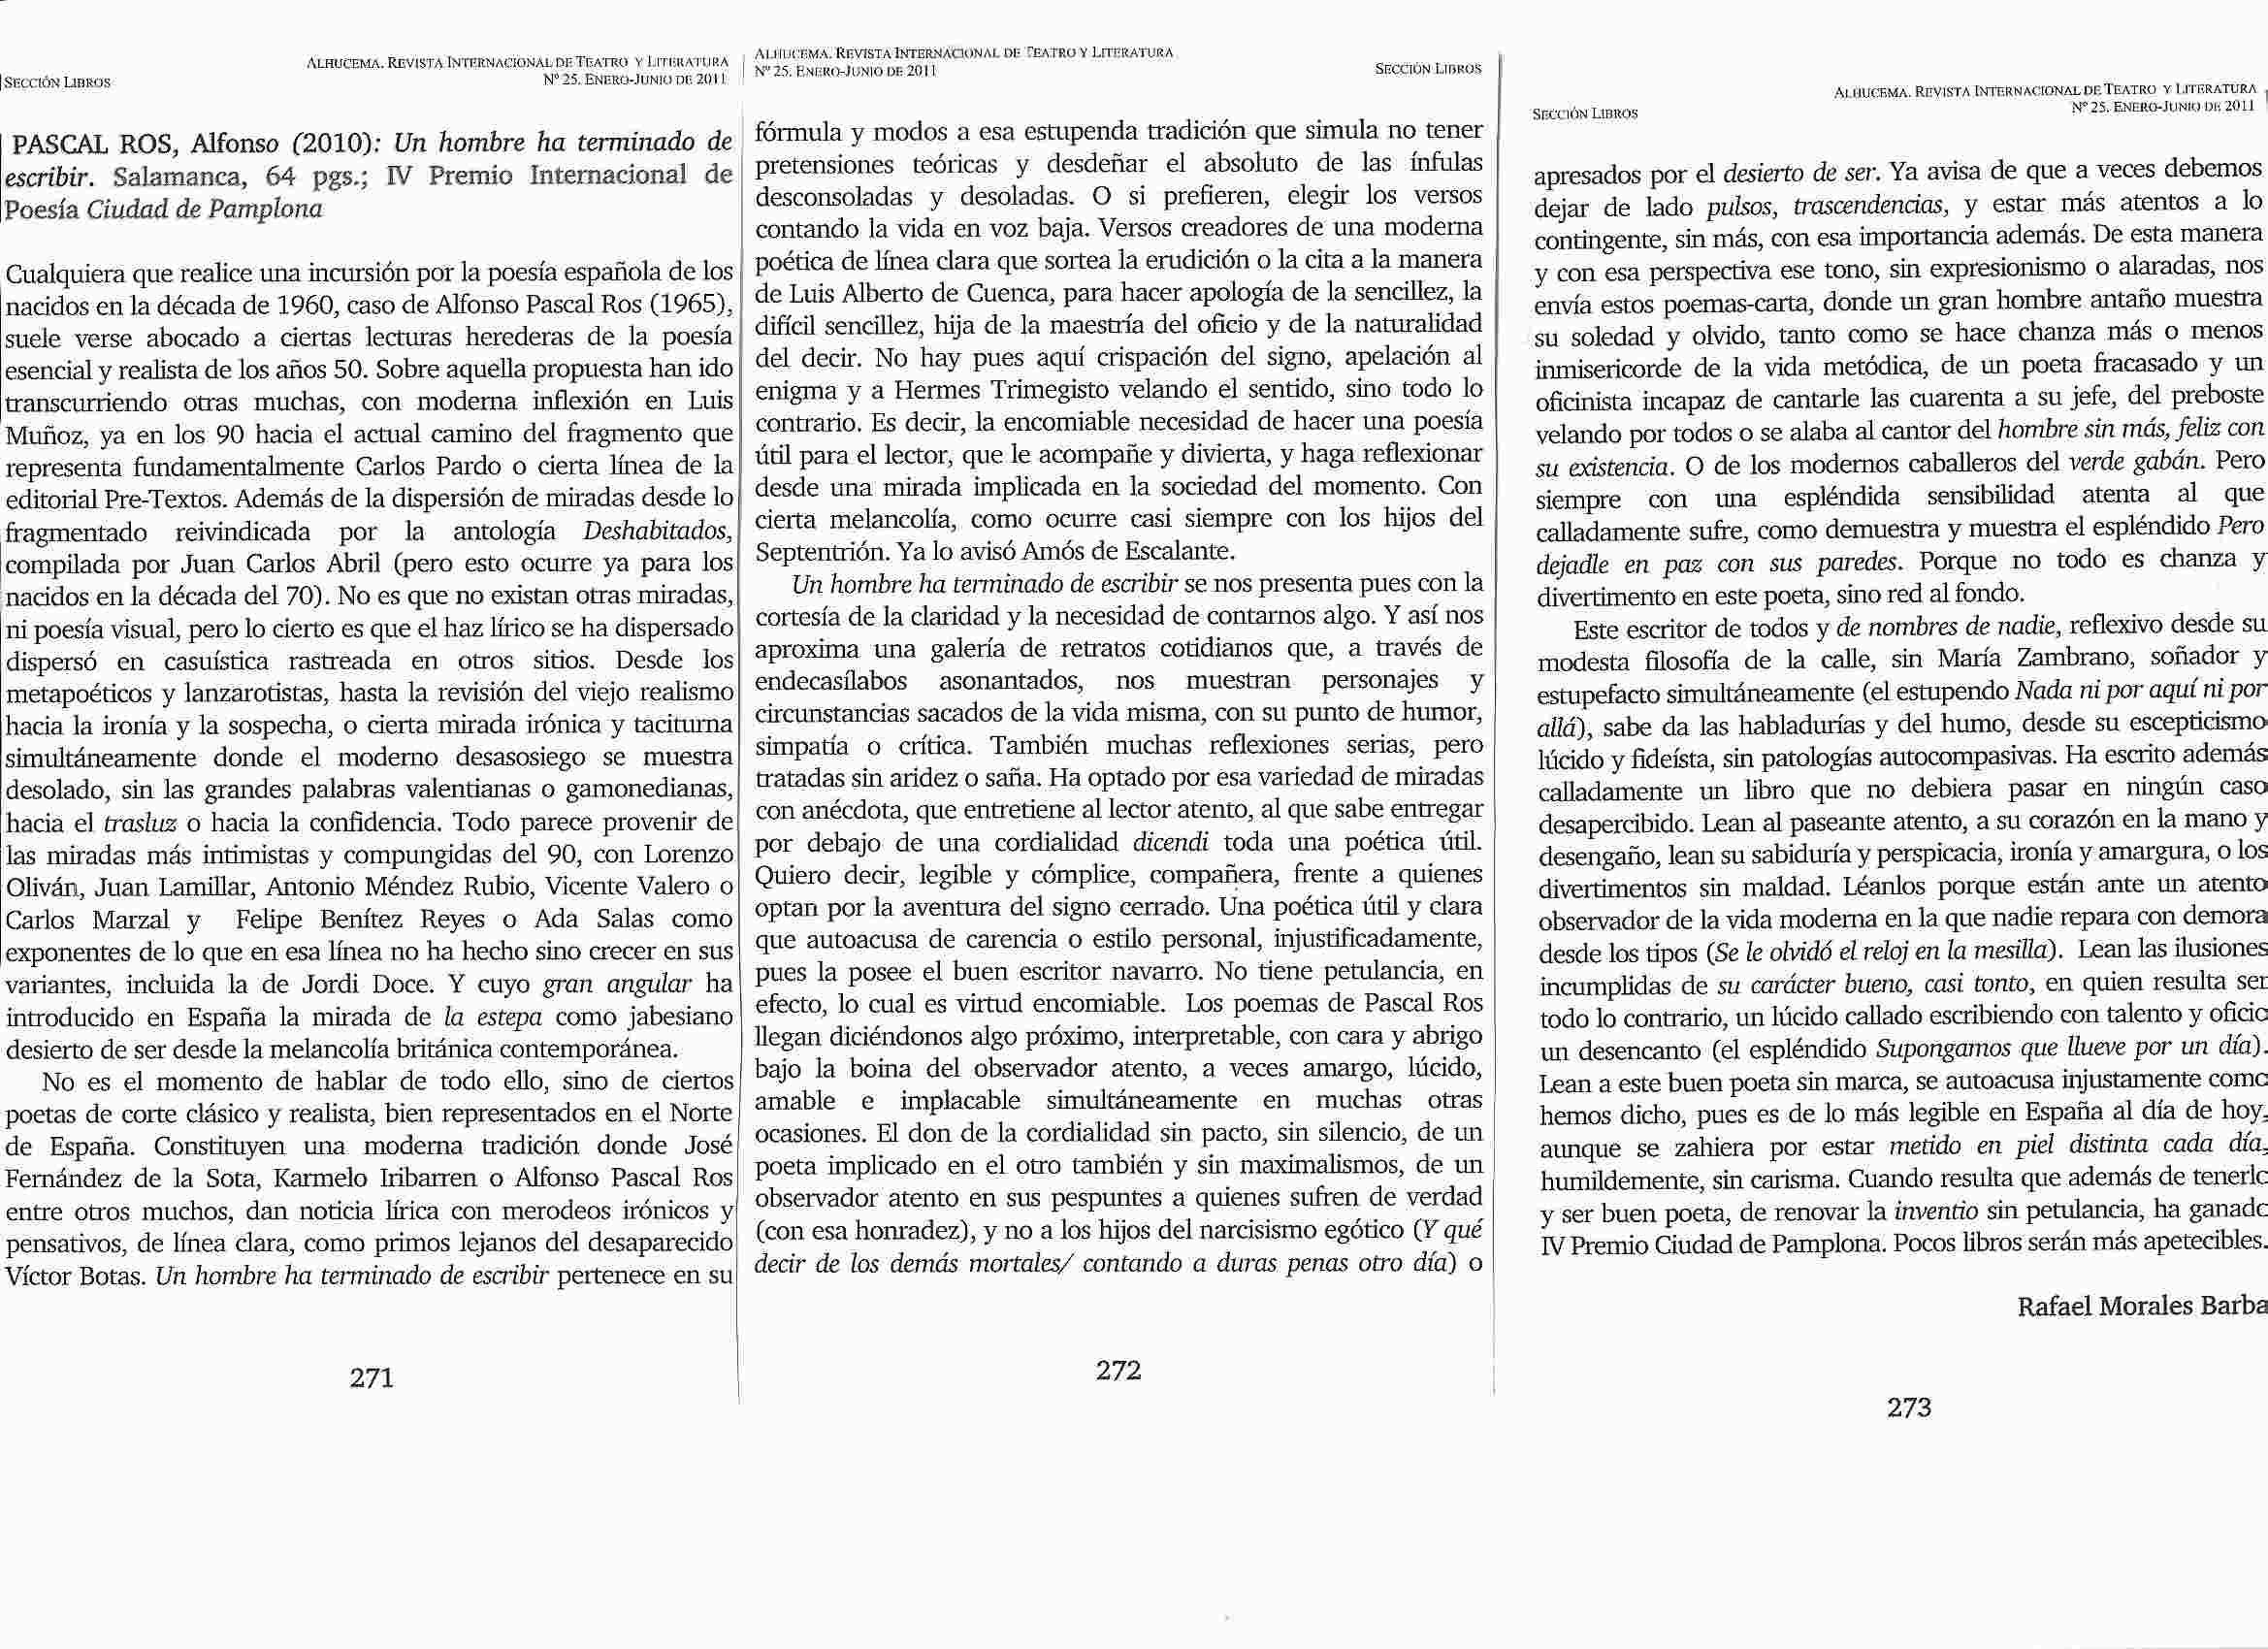 Revista ALHUCEMA: Sobre 'Un hombre ha terminado de escribir'. Por Rafael Morales Barba.